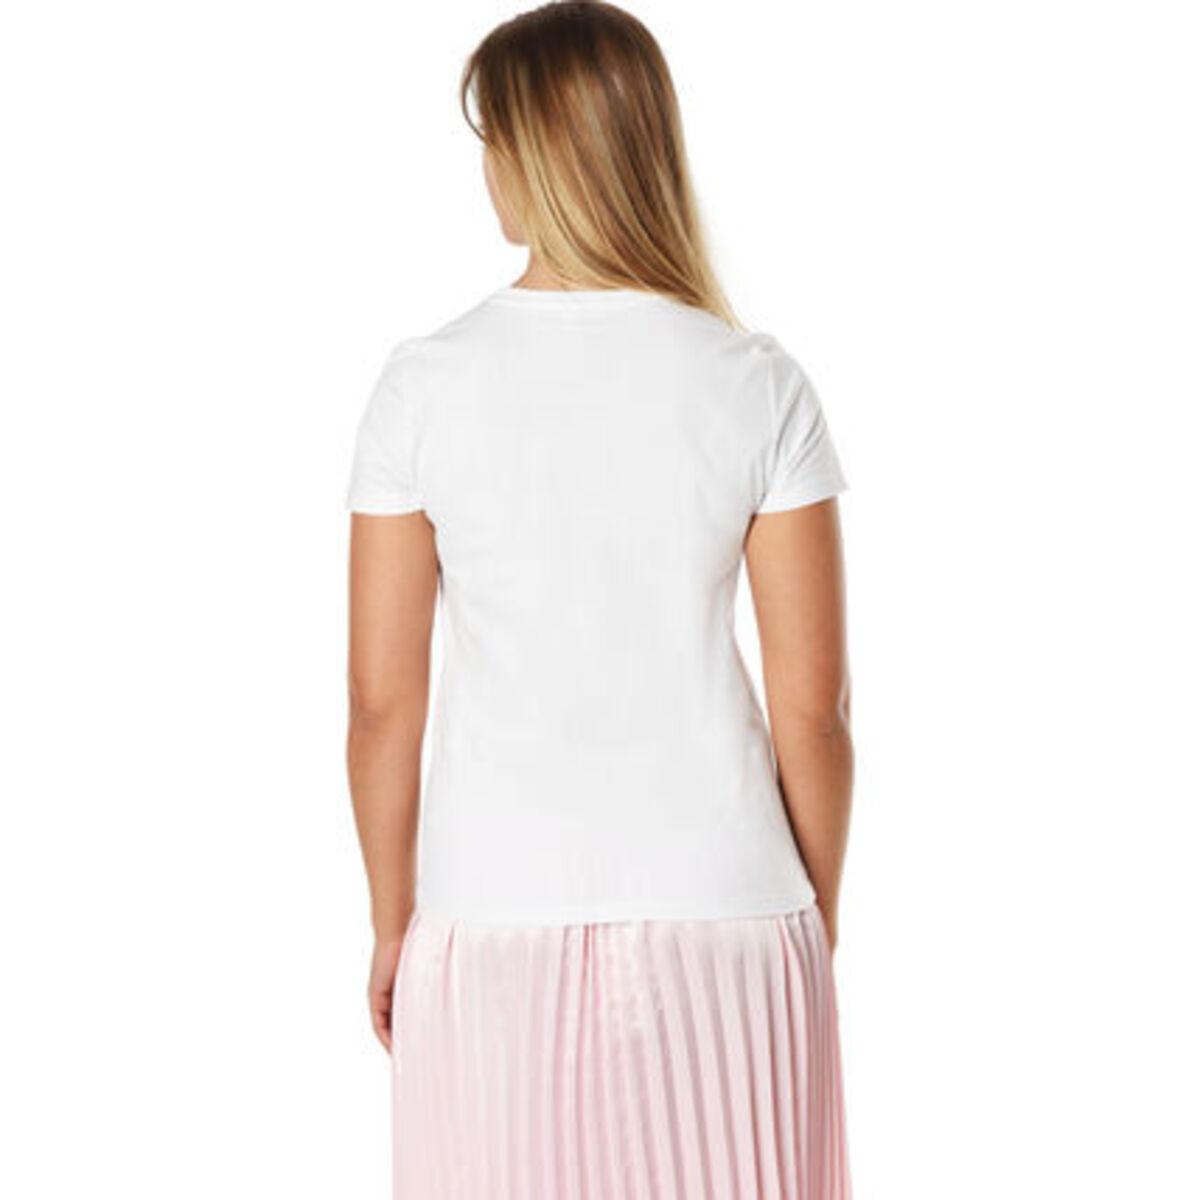 Bild 2 von Only T-Shirt, Rundhals, für Damen